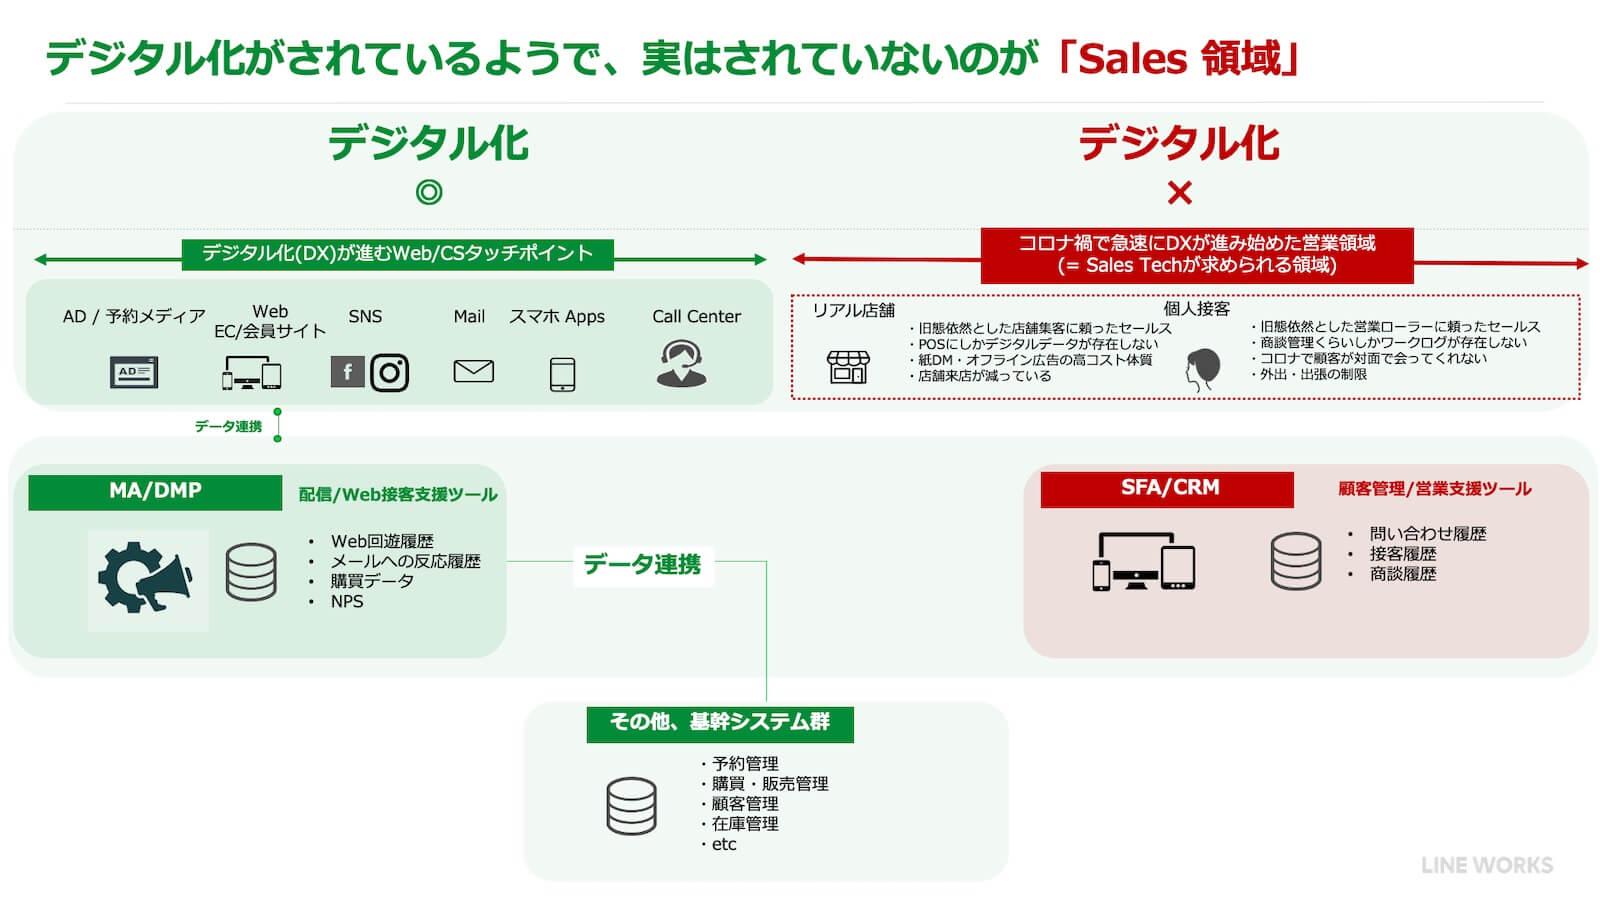 デジタル化がされてるようで、実はされていないのが「Sales 領域」